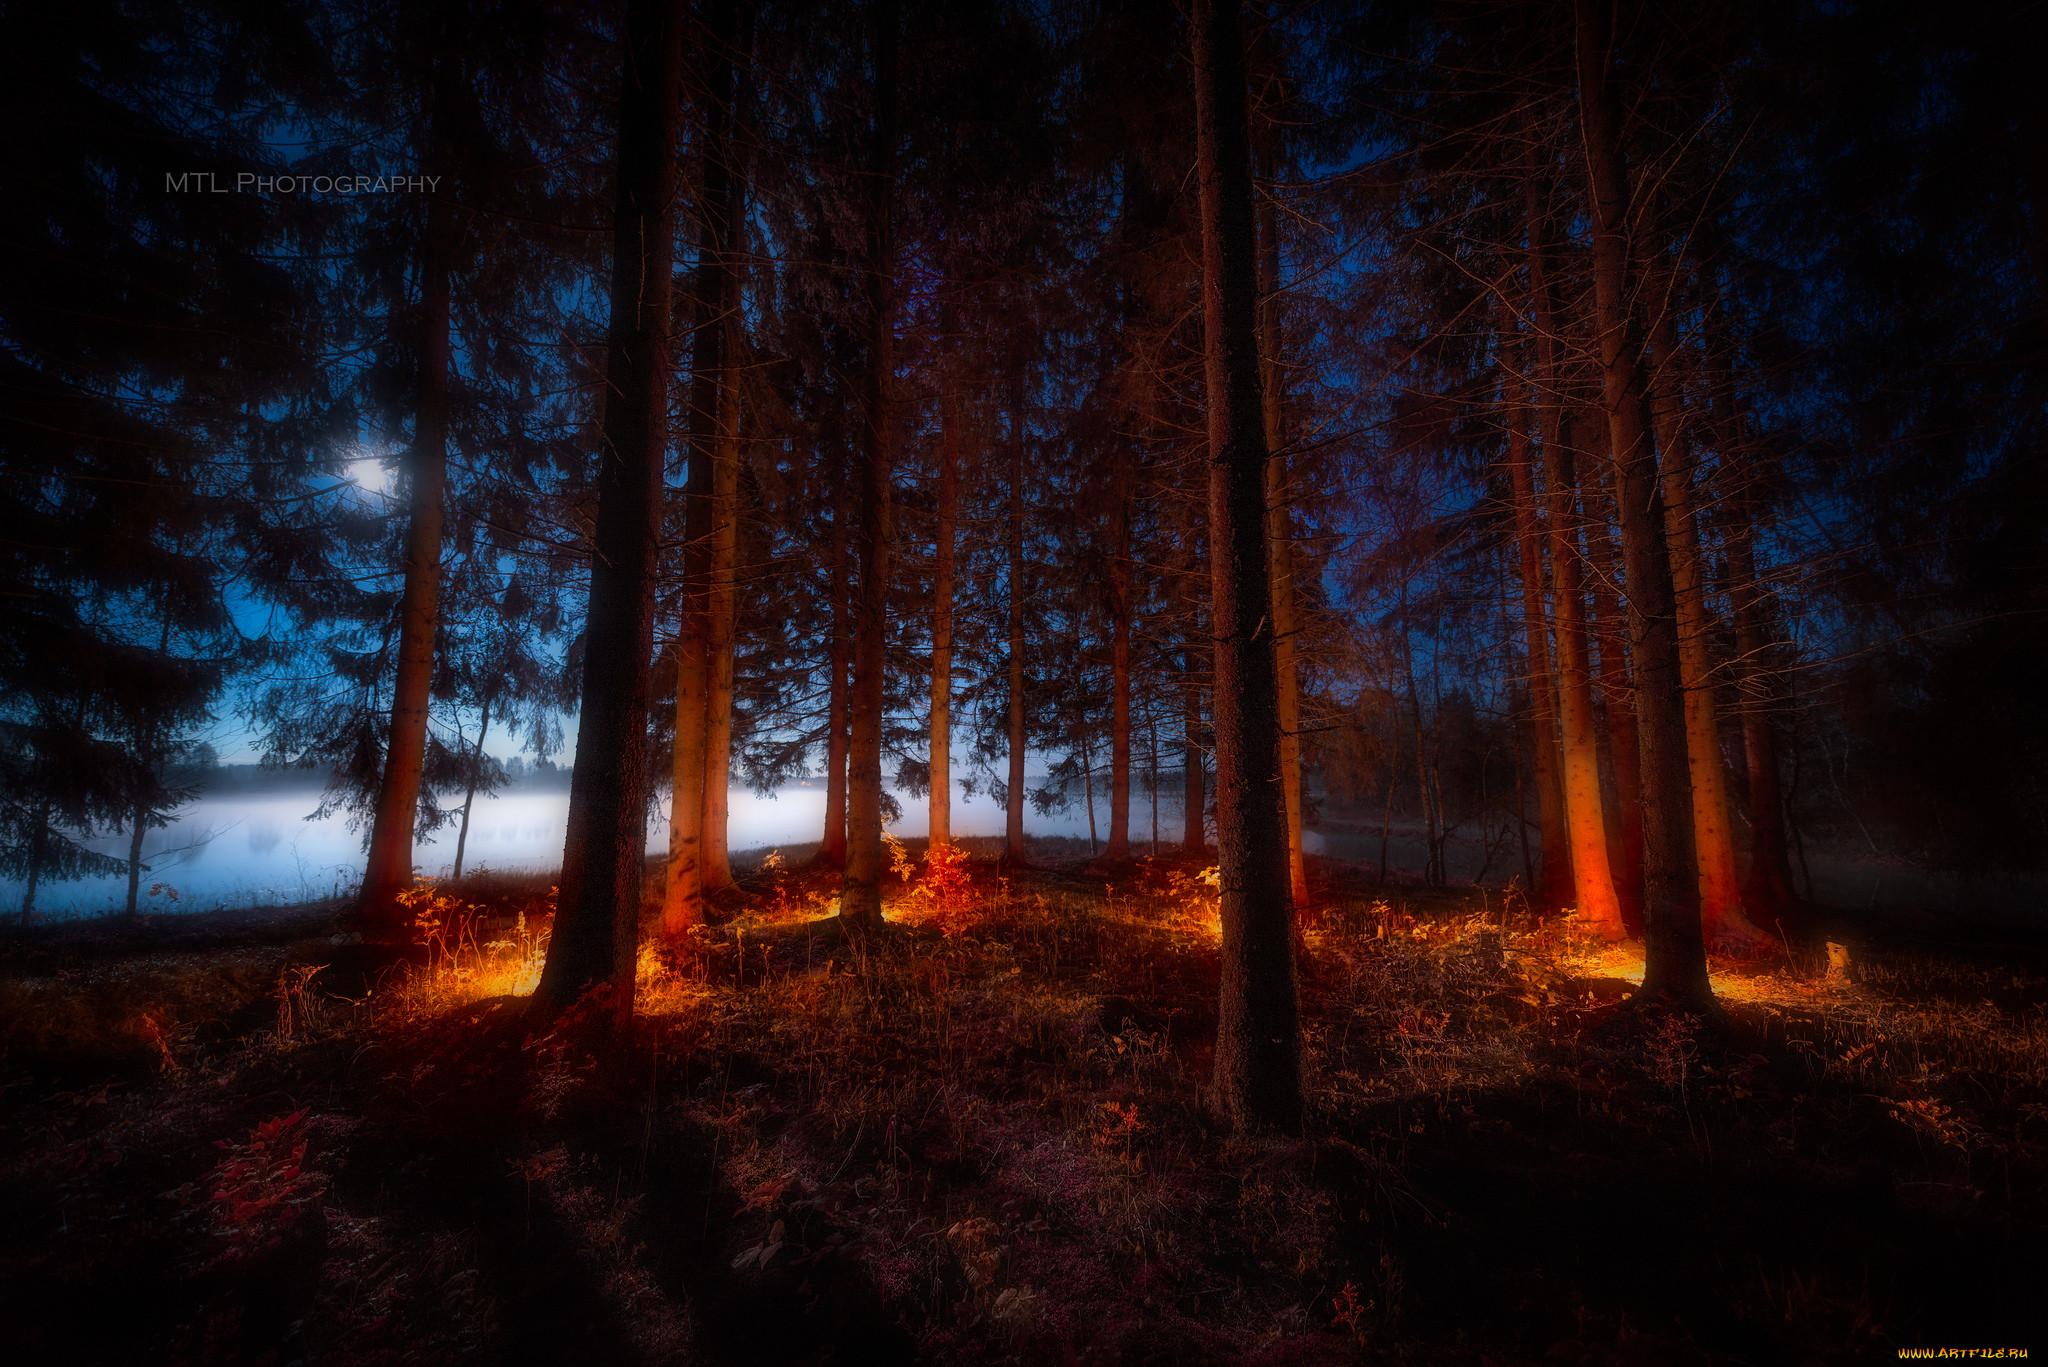 редко свет ночной лес картинки на рабочий его обладатель